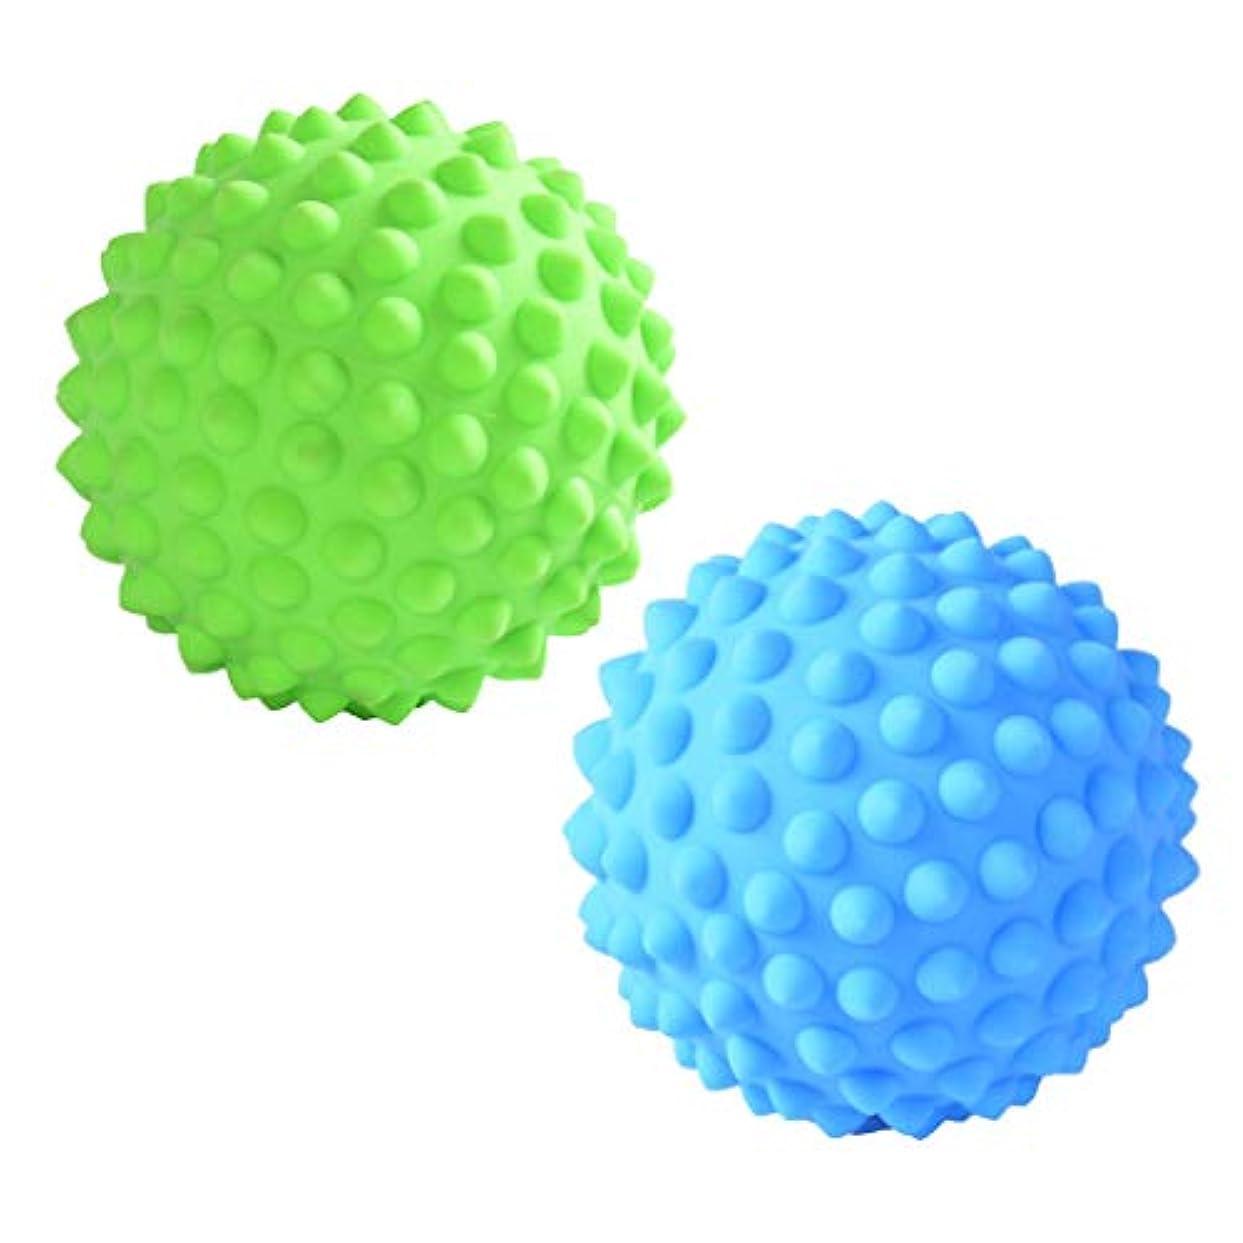 フィドル祭りびっくりしたP Prettyia マッサージローラーボール 指圧ボール PVC トリガーポイント 疲れ解消ボール ヨガ 疲労軽減 2個